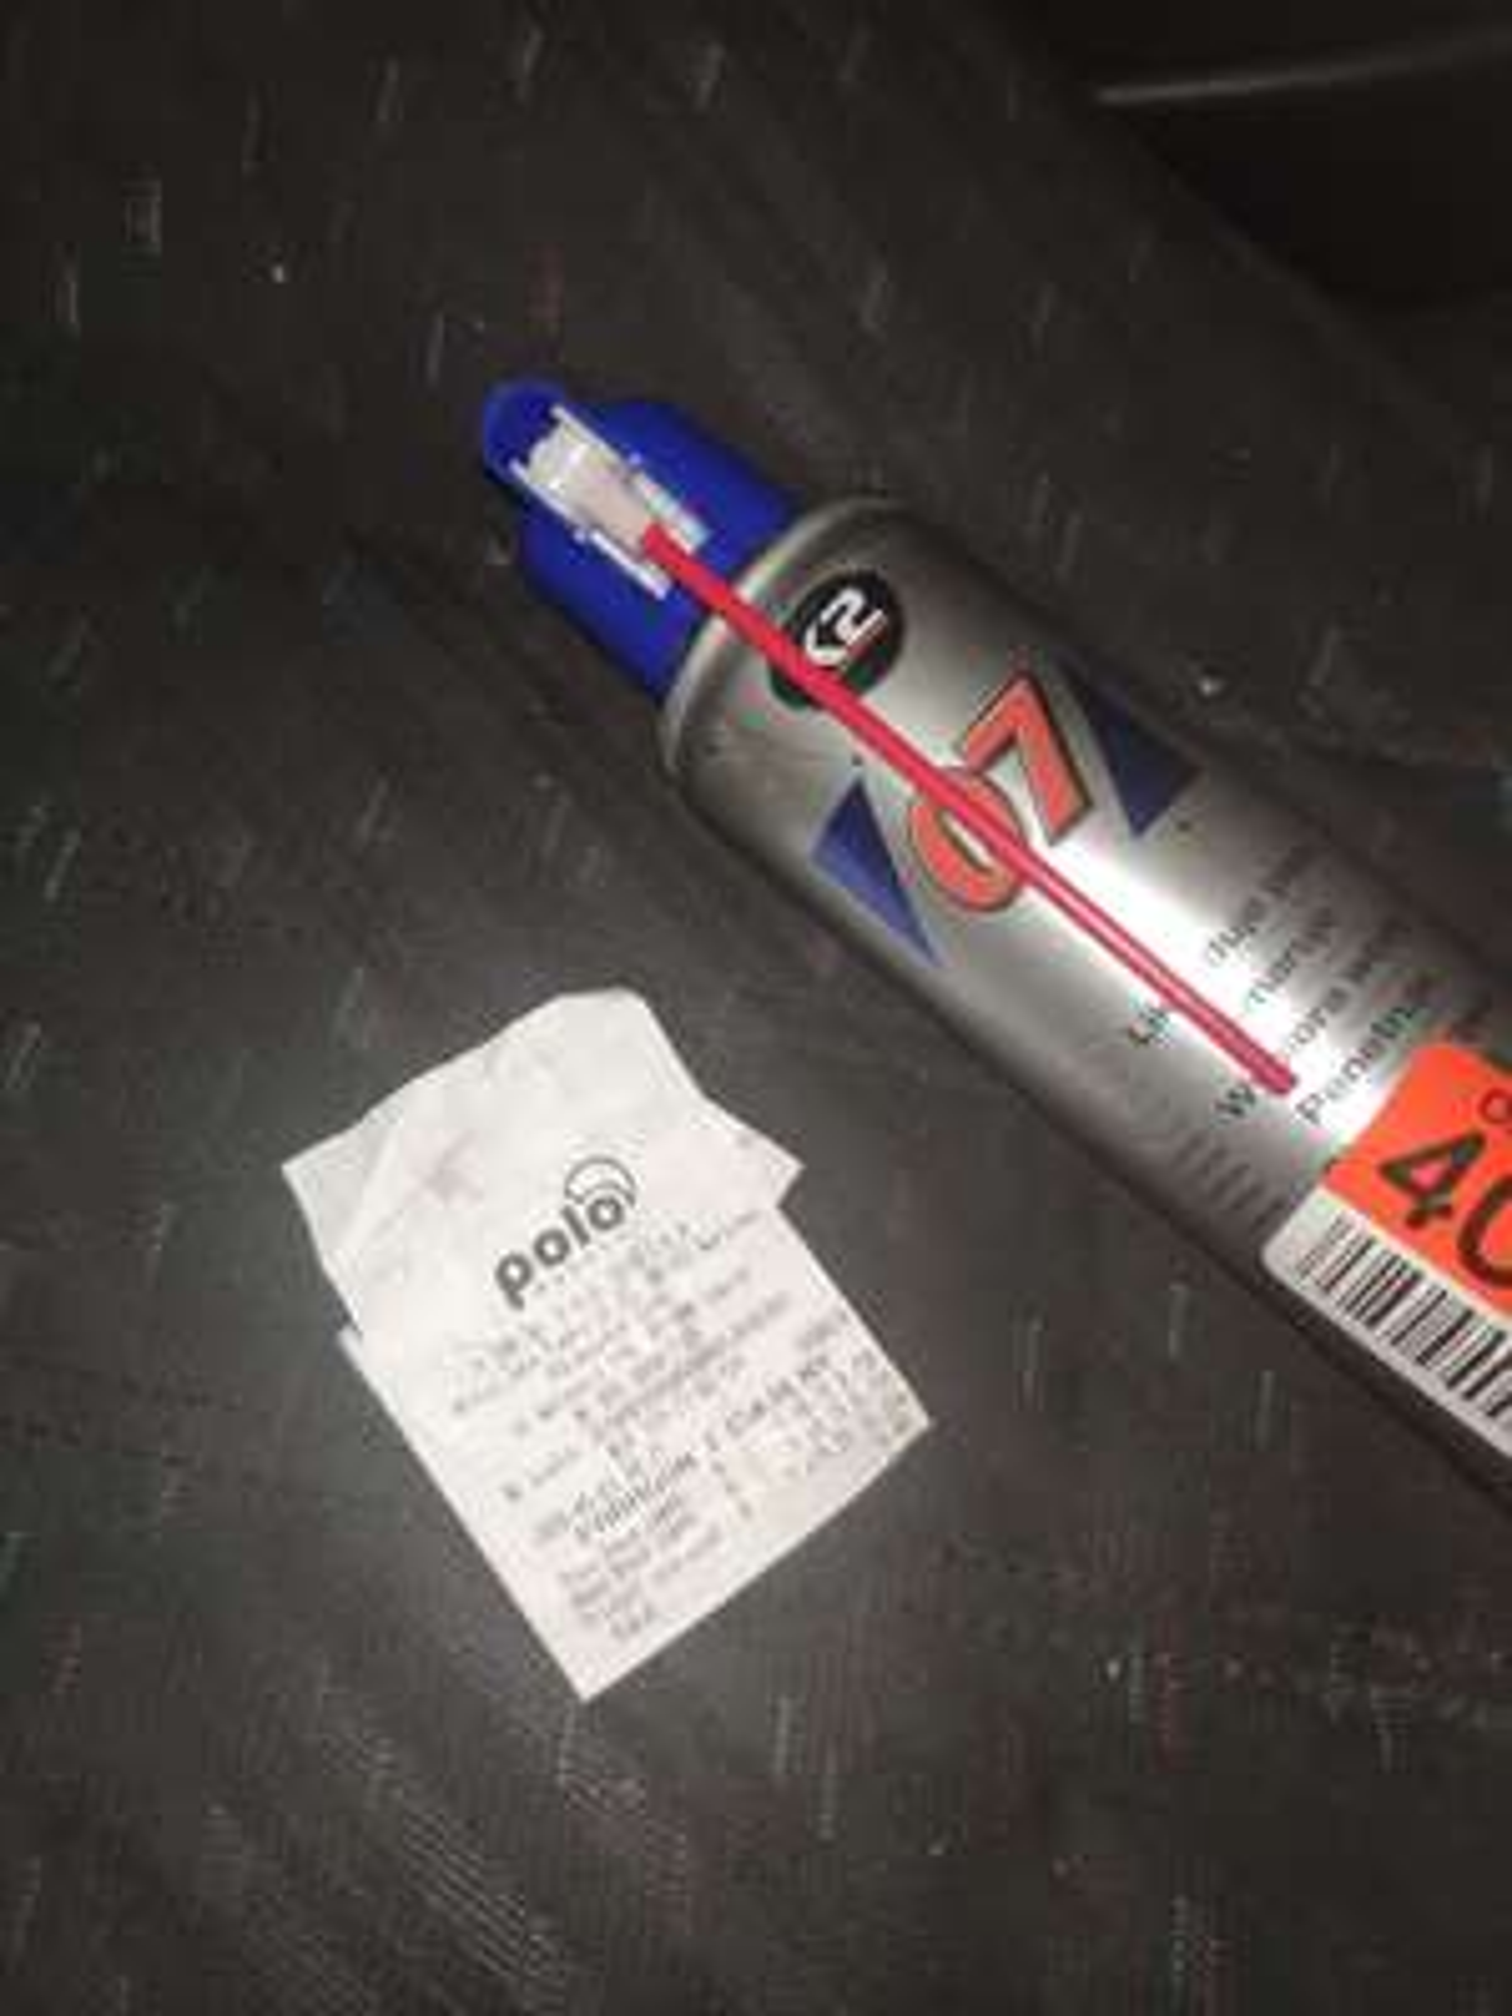 Produkt wielozadaniowy K2 07 (zamiennik WD40) 250ml 8,99 @Polomarket Zabrze ul Wolności.